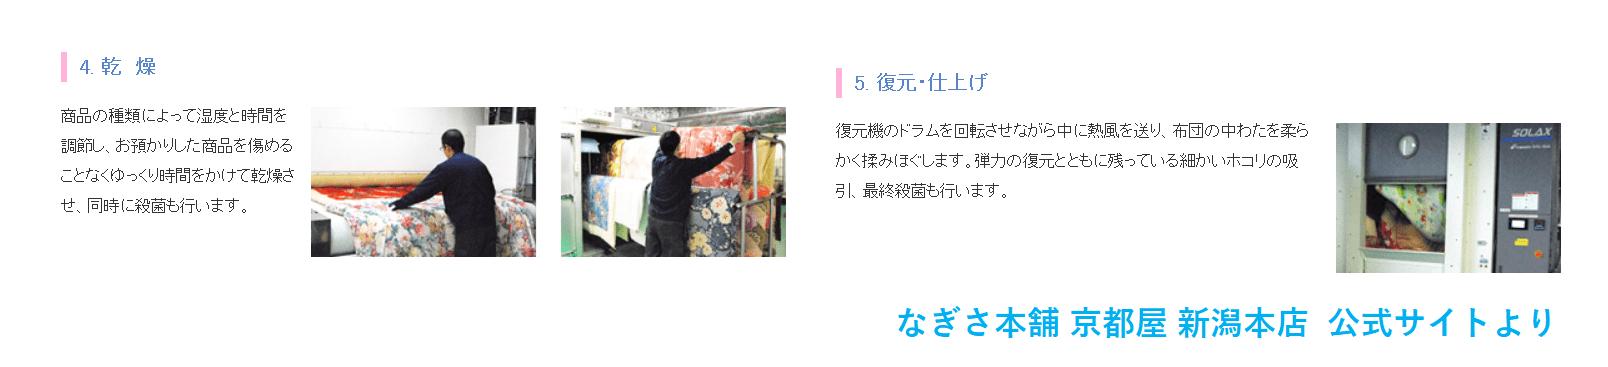 なぎさ本舗京都屋新潟本店